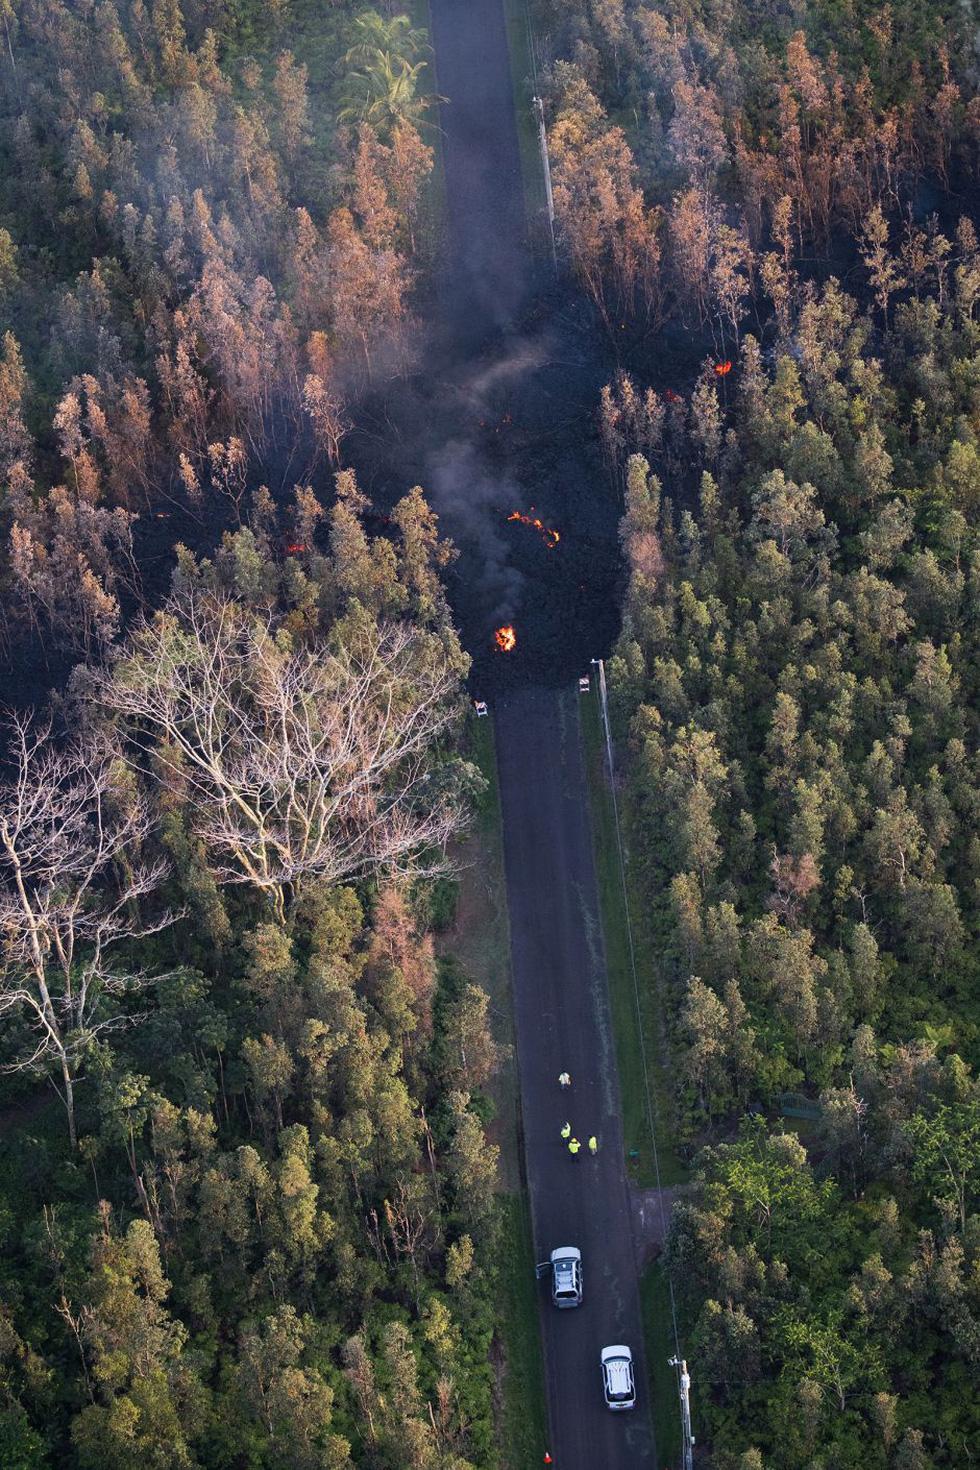 Cận cảnh núi lửa phun ở Hawaii khiến cả ngàn người di tản - Ảnh 3.